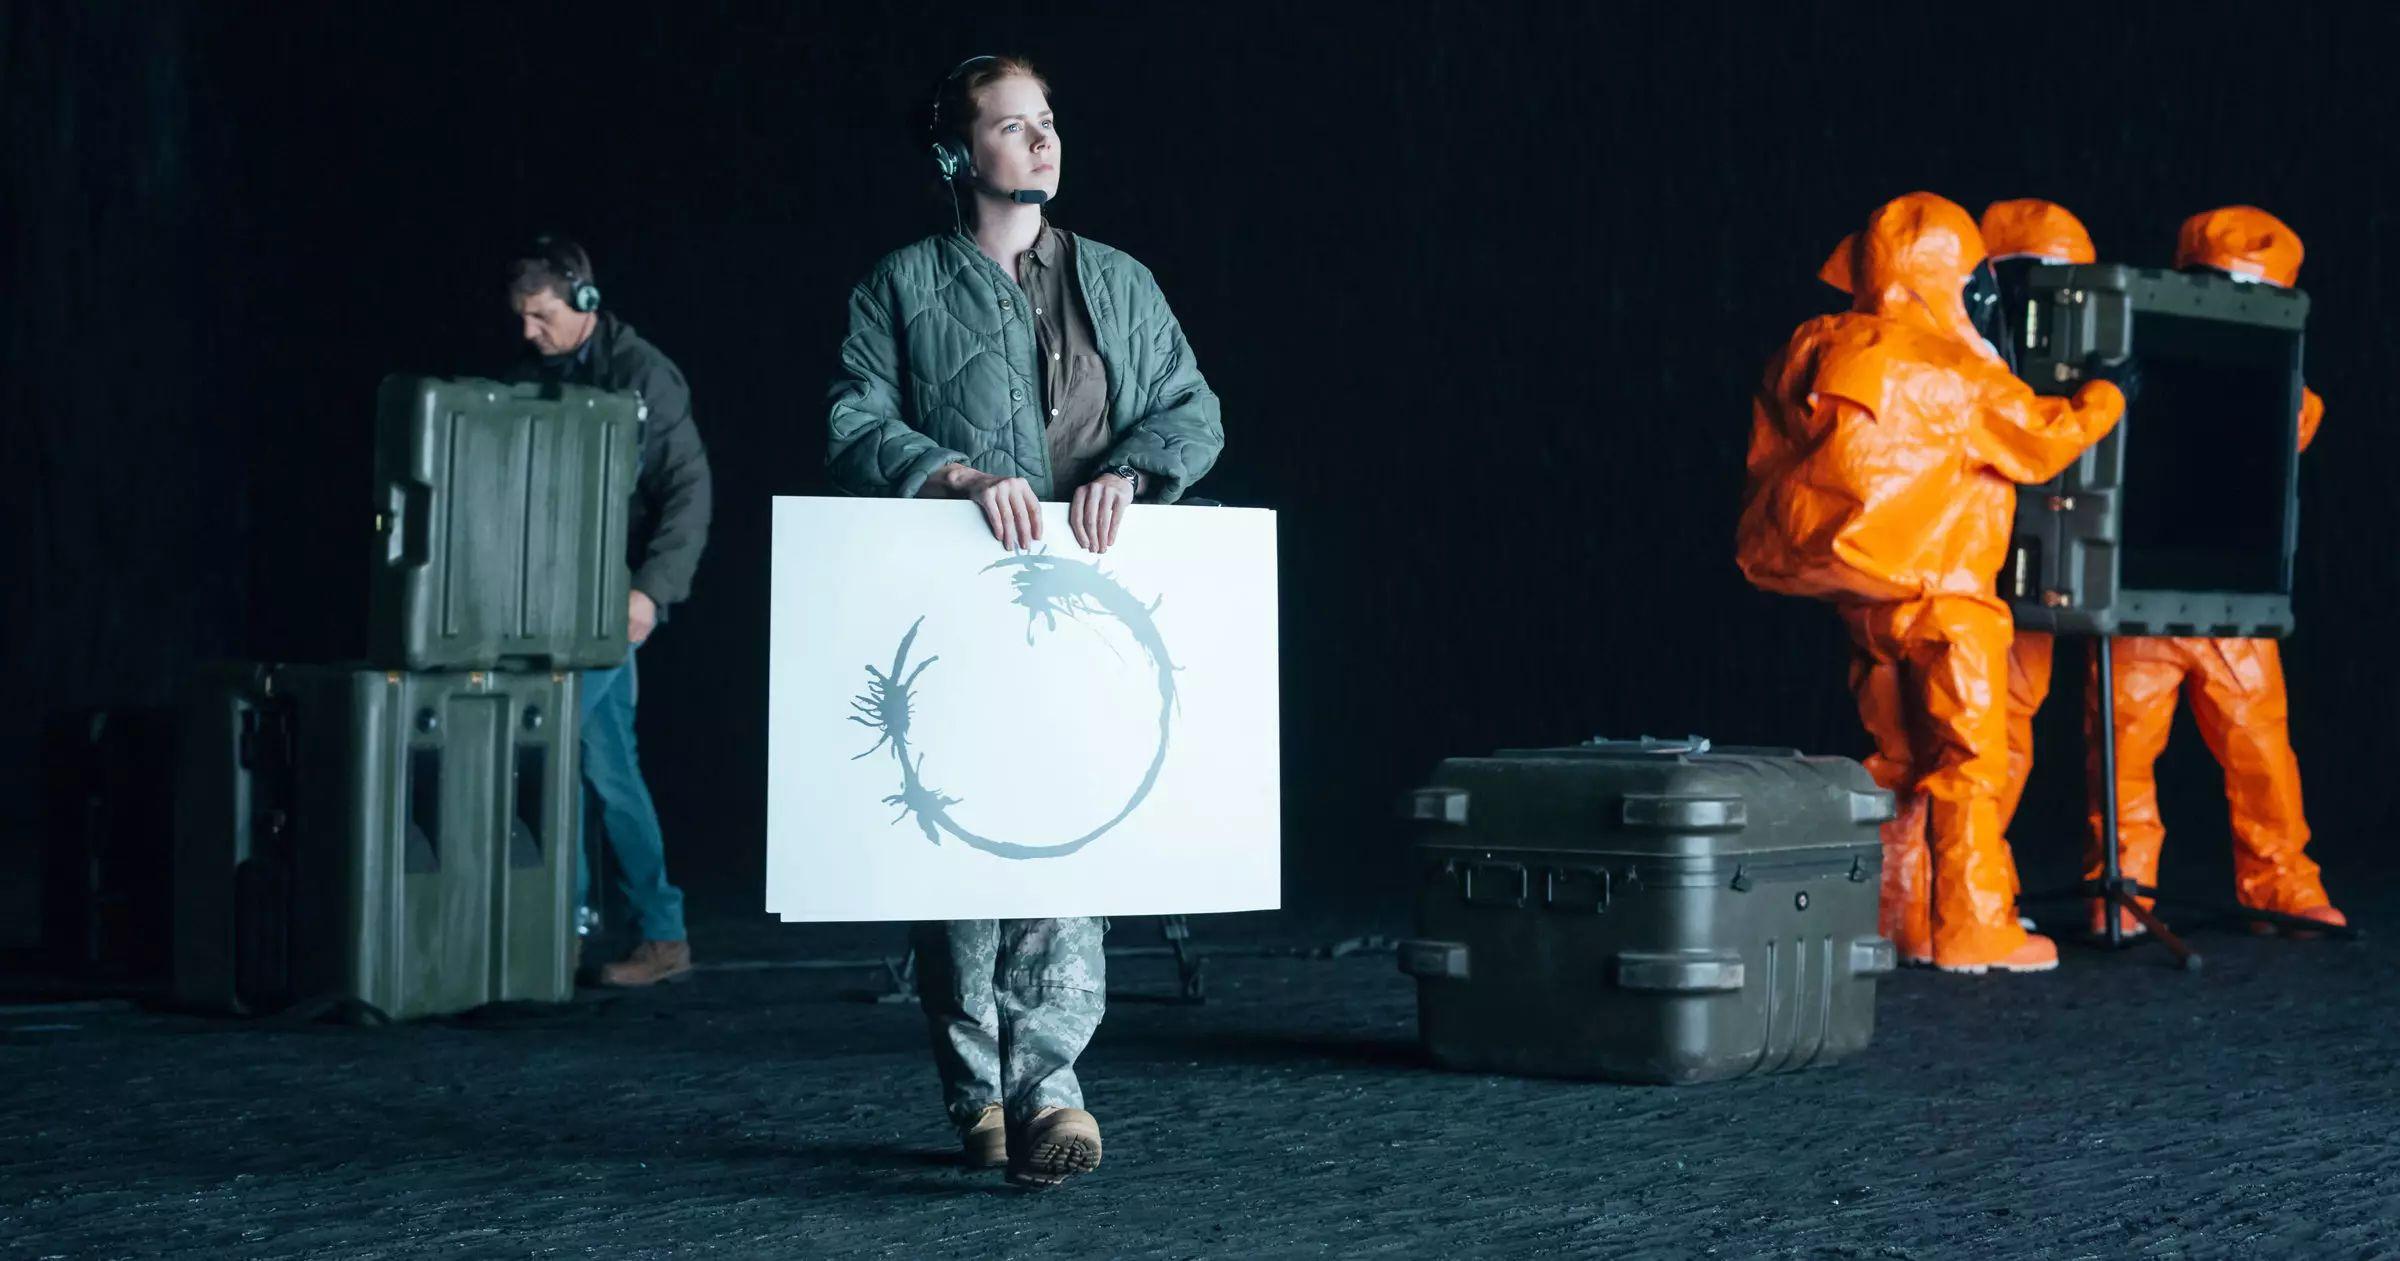 در فیلم سینمایی «ورود» ساخته 2016، «ایمی آدامز»، در نقش یک زبانشناس تلاش میکند تا به کمک واژهنگار (لوگوگرام) با بیگانگان فضایی ارتباط برقرار کند